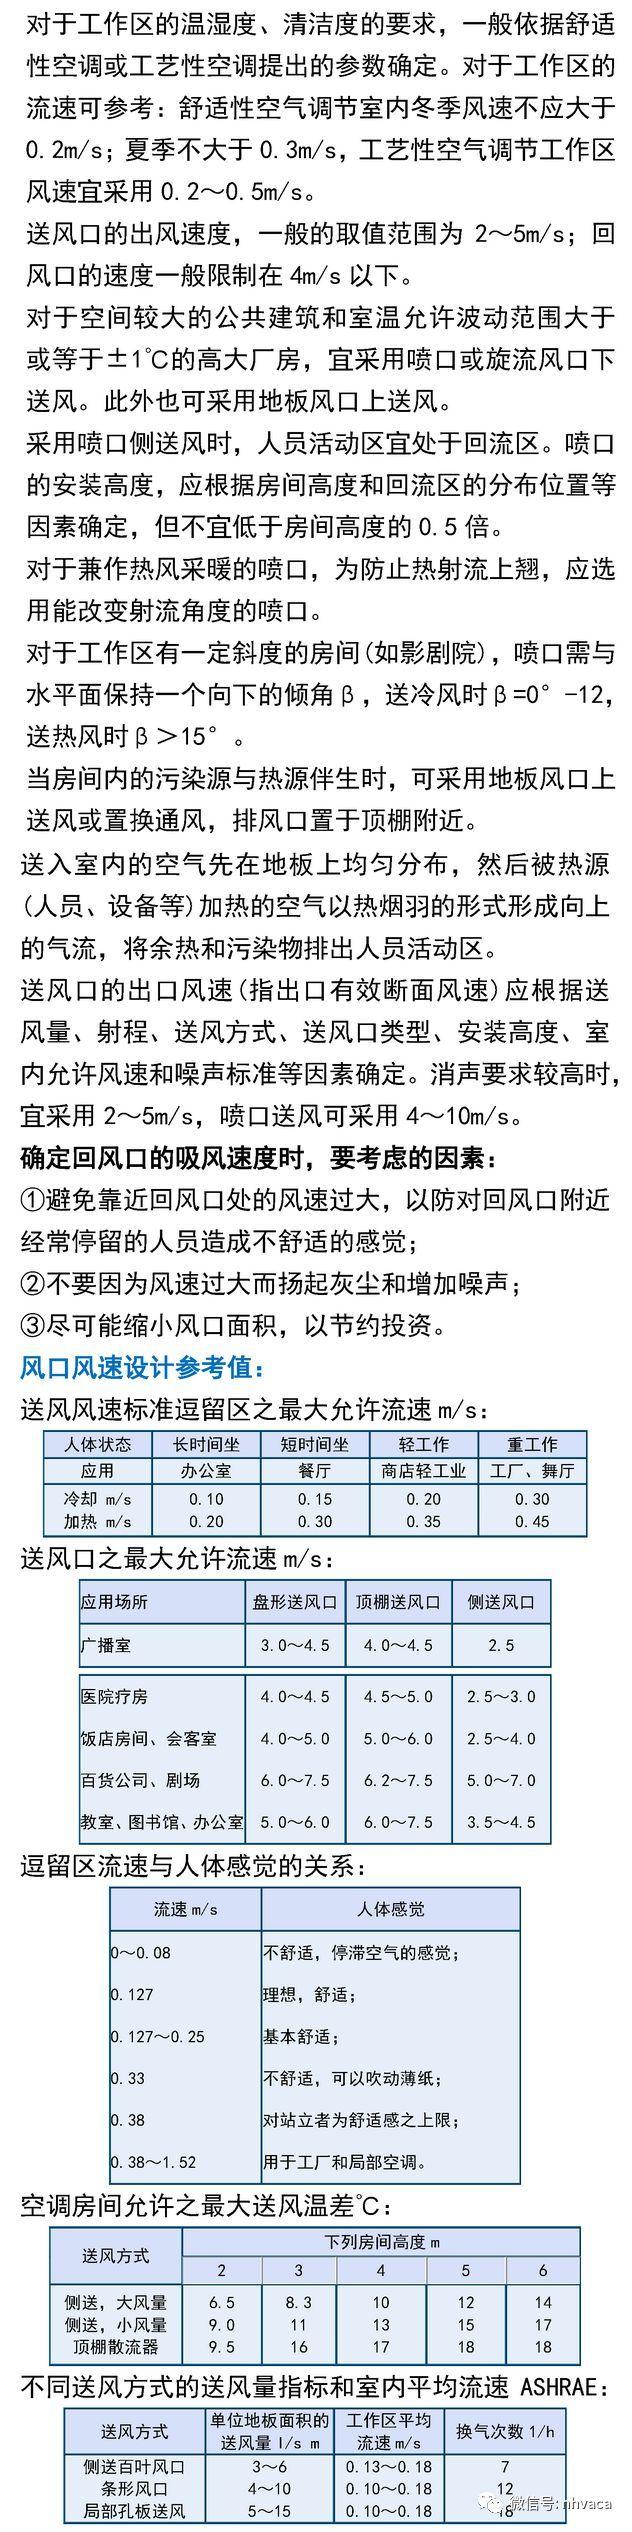 风口散流器与气流组织综合应用手册_16